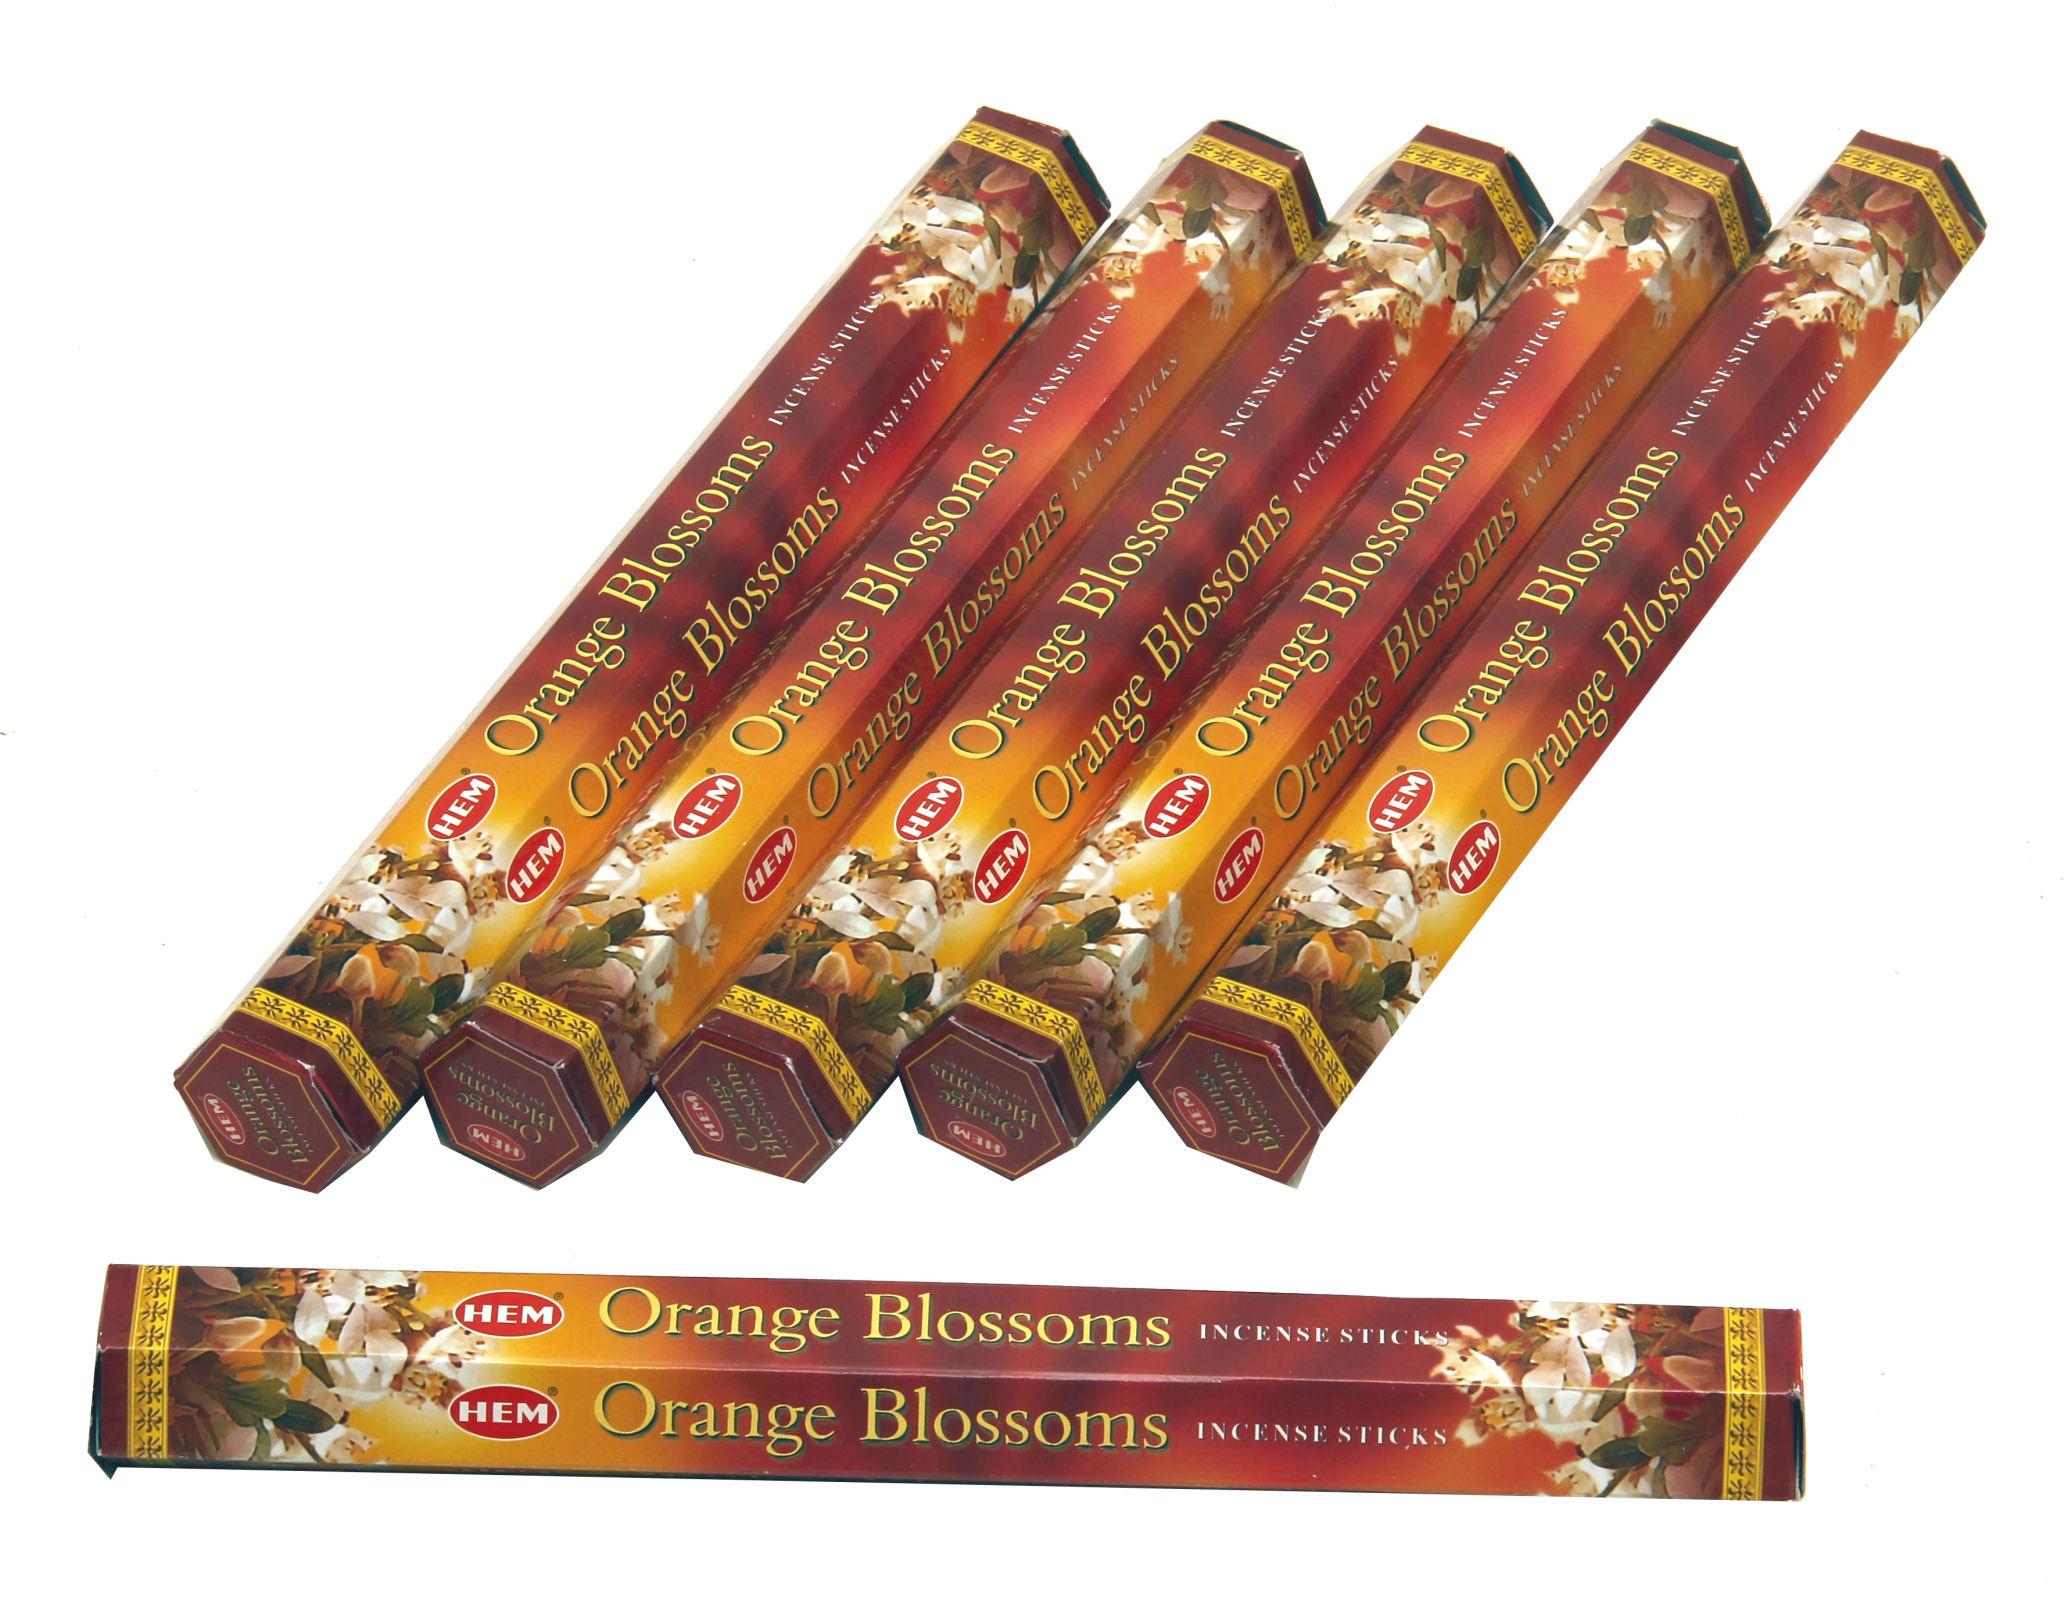 HEM Räucherstäbchen Sparset. 6 Packungen ca. 120 Sticks Orange Blossom